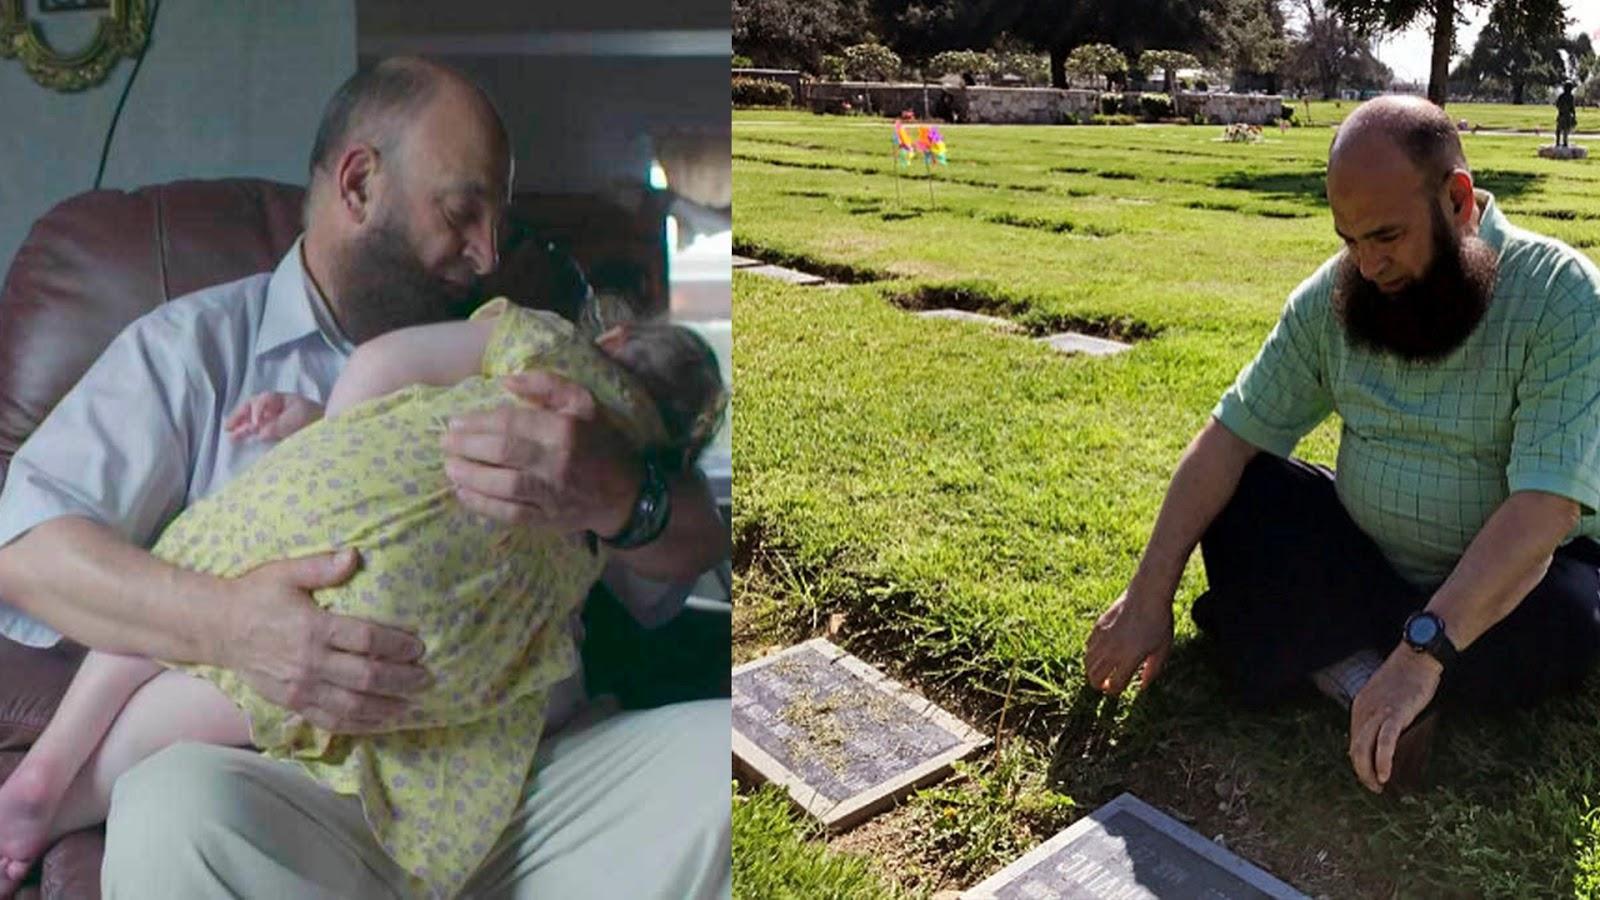 Todas as crianças que visitam a casa deste homem perdem a vida. Mais de 80  já se foram e muitas ainda virão 764aaeca94e